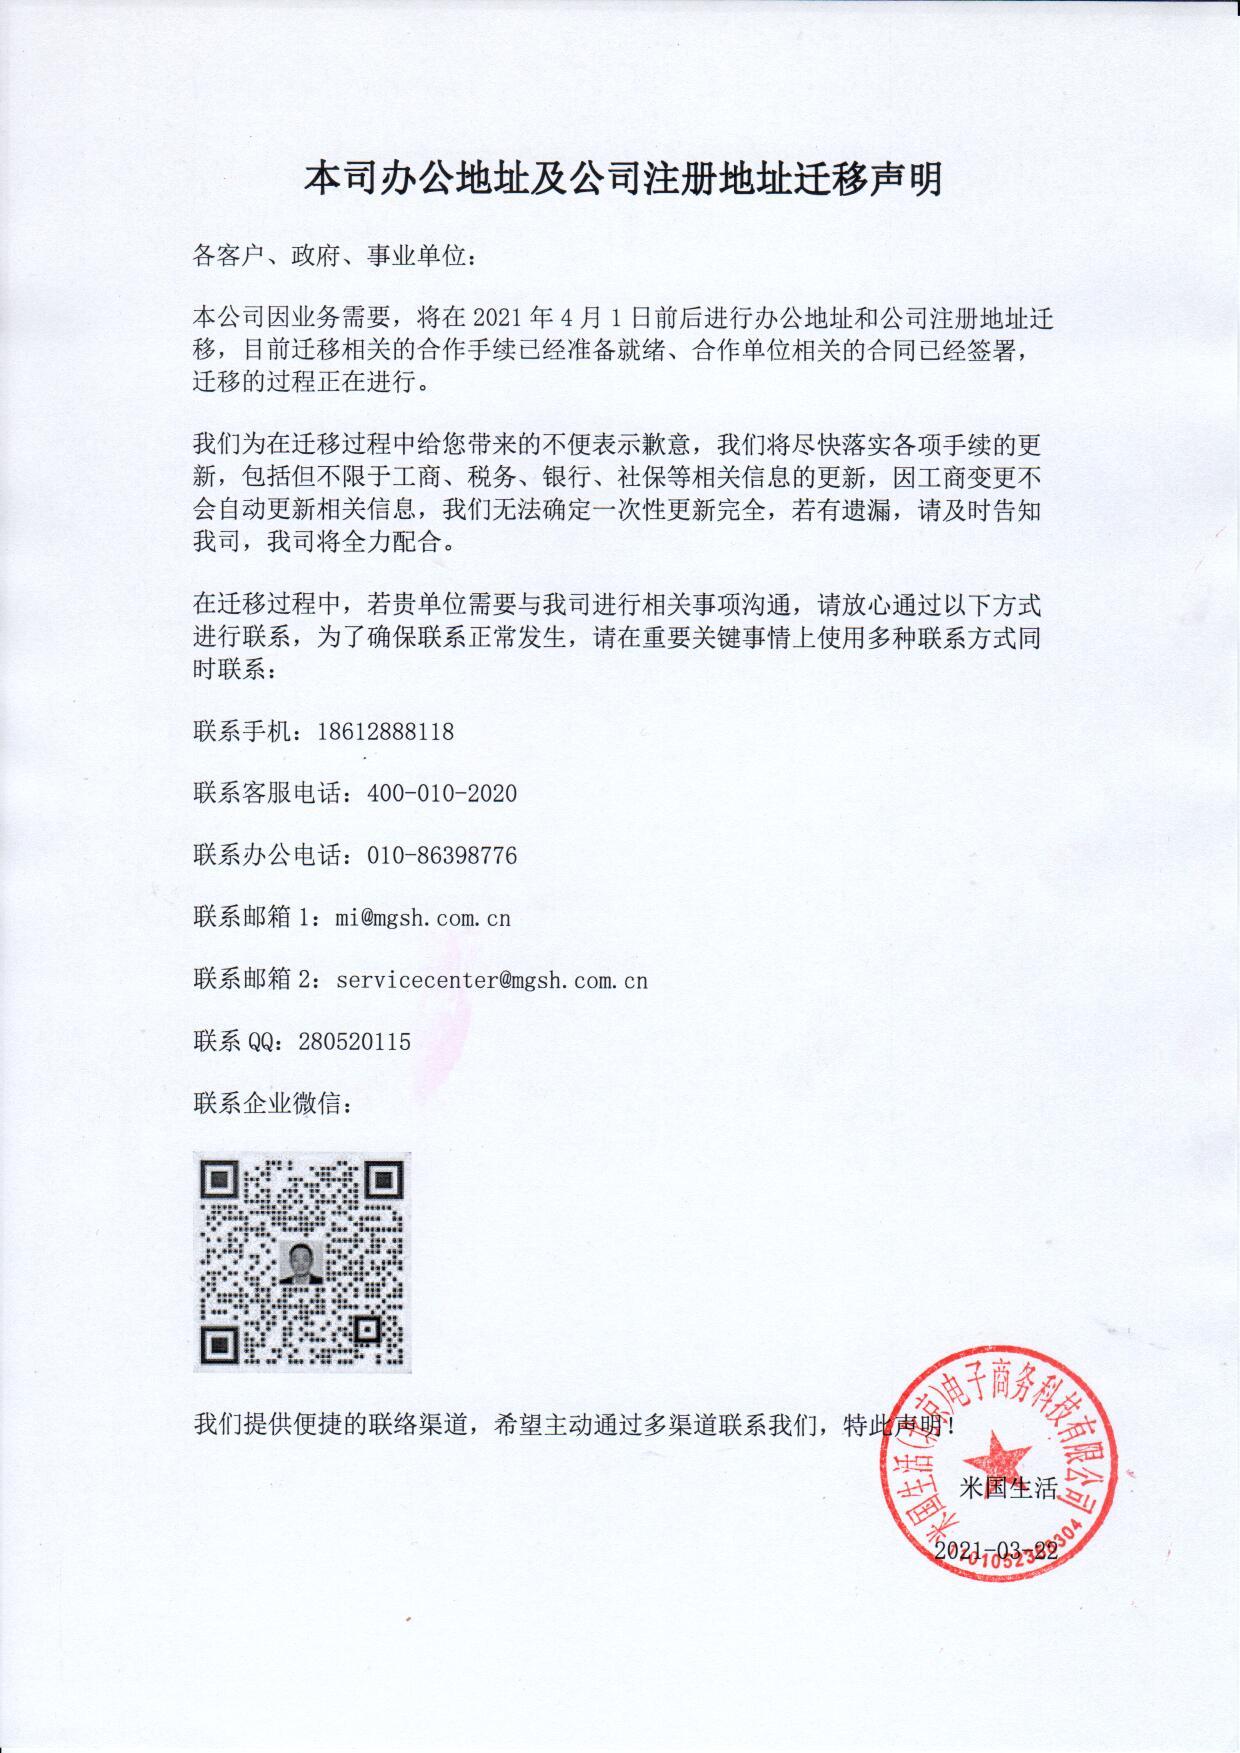 本司办公地址及公司注册地址迁移声明